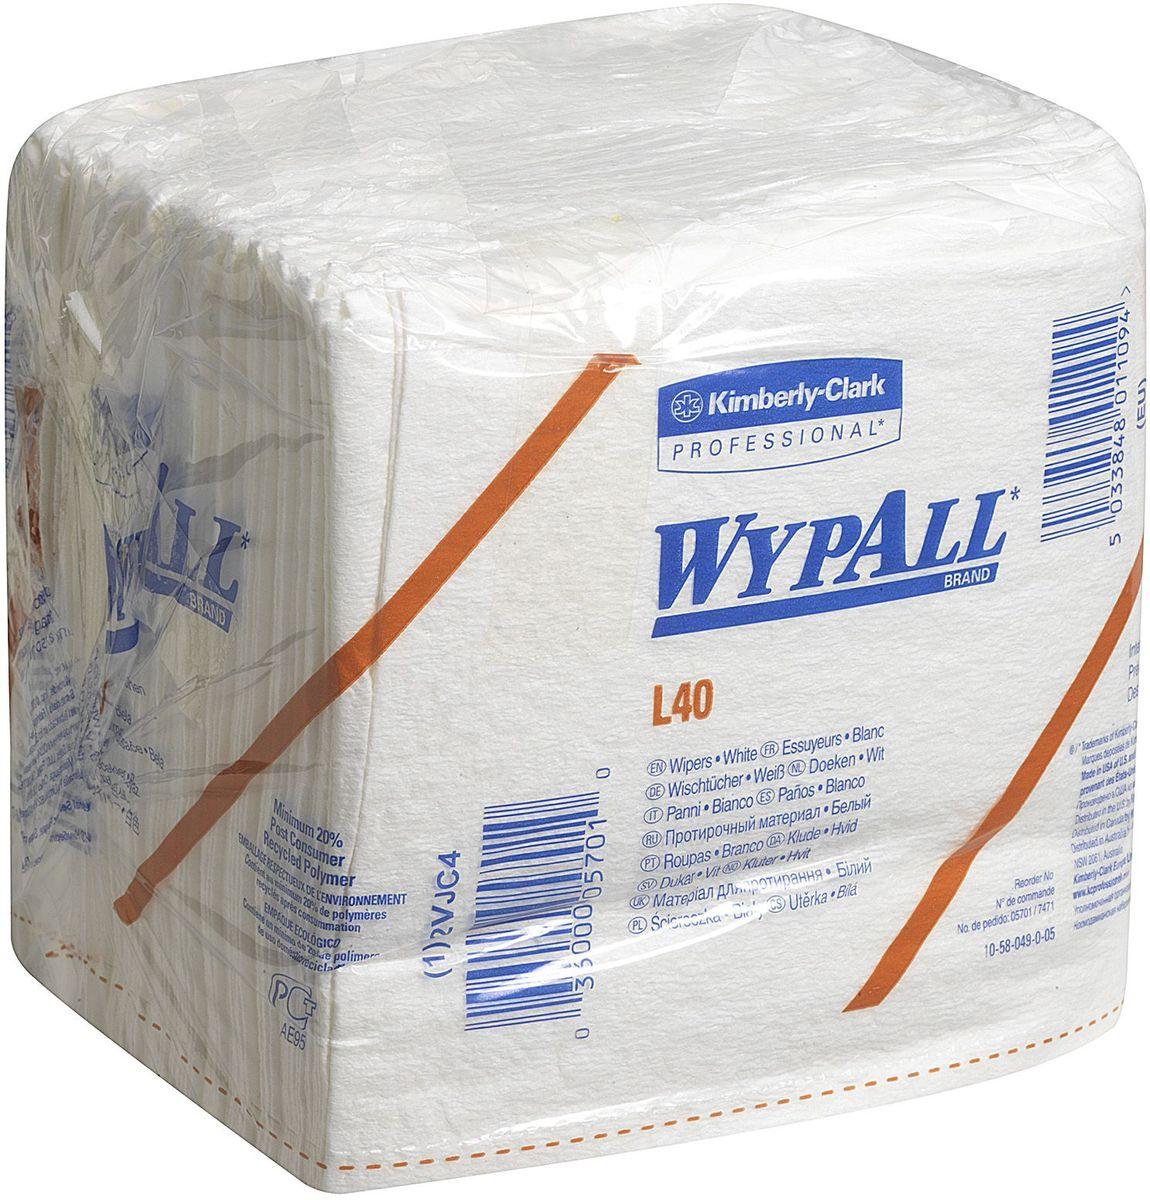 Салфетка протирочная Wypall L40, 4 сложения, 56 листов. 74717471Протирочные салфетки с ограниченным сроком службы, произведенные при помощи технологии AIRFLEX®, отличаются прочностью и отличной впитывающей способностью, что позволяет быстро и экономно выполнять очистку, расходуя меньше салфеток и сокращая затраты. Идеальное решение для операций ежедневной очистки на производственных участках, очистки технологических линий, быстрого устранения крупных разливов масла, смазки, протирки рук и лица пациентов в медицинских учреждениях; помогает предотвратить распространение бактерий. Формат поставки: Упаковка из 18 пачек по 56 листов. Может использоваться с диспенсером 7969 для контроля расхода продукта и уменьшения объема отходов.